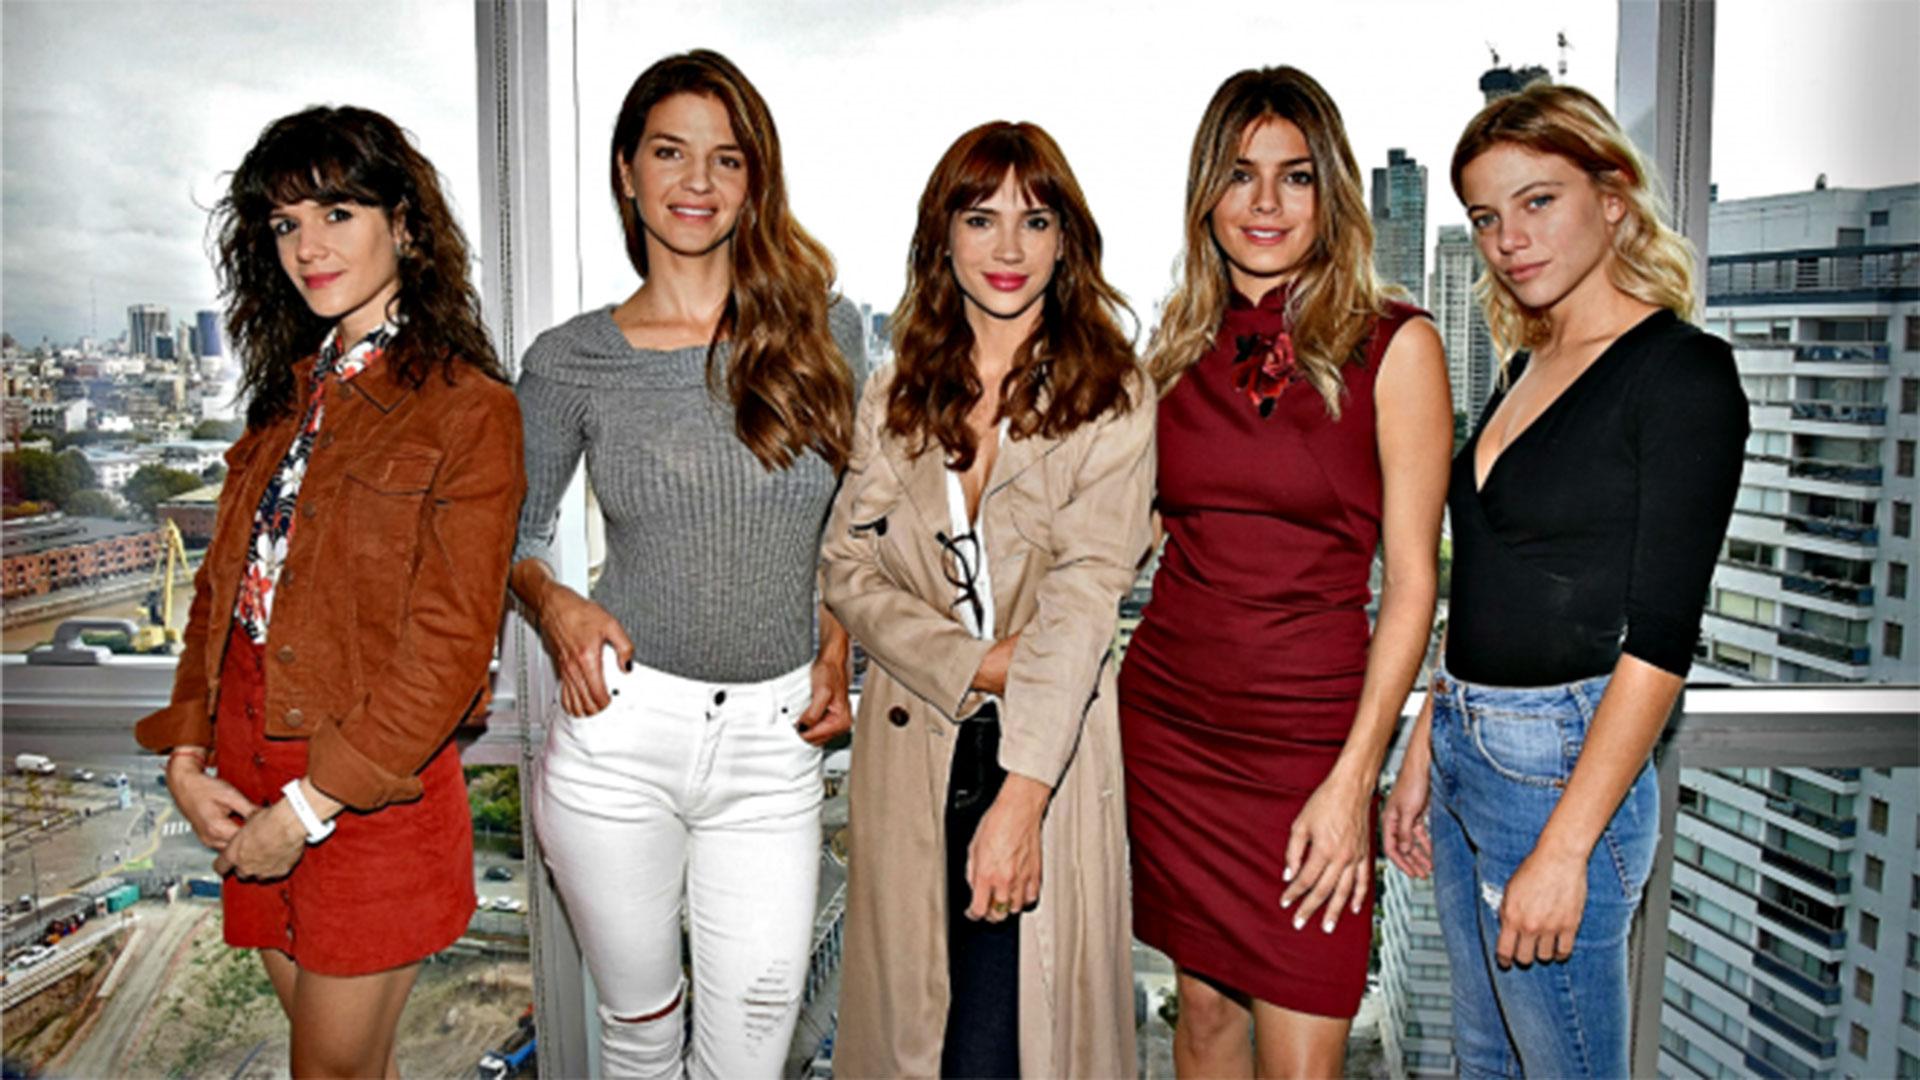 """""""Las Estrellas"""": Violeta Urtizberea, Kloosterboer, Celeste Cid, Natalie Pérez y Justina Bustos"""